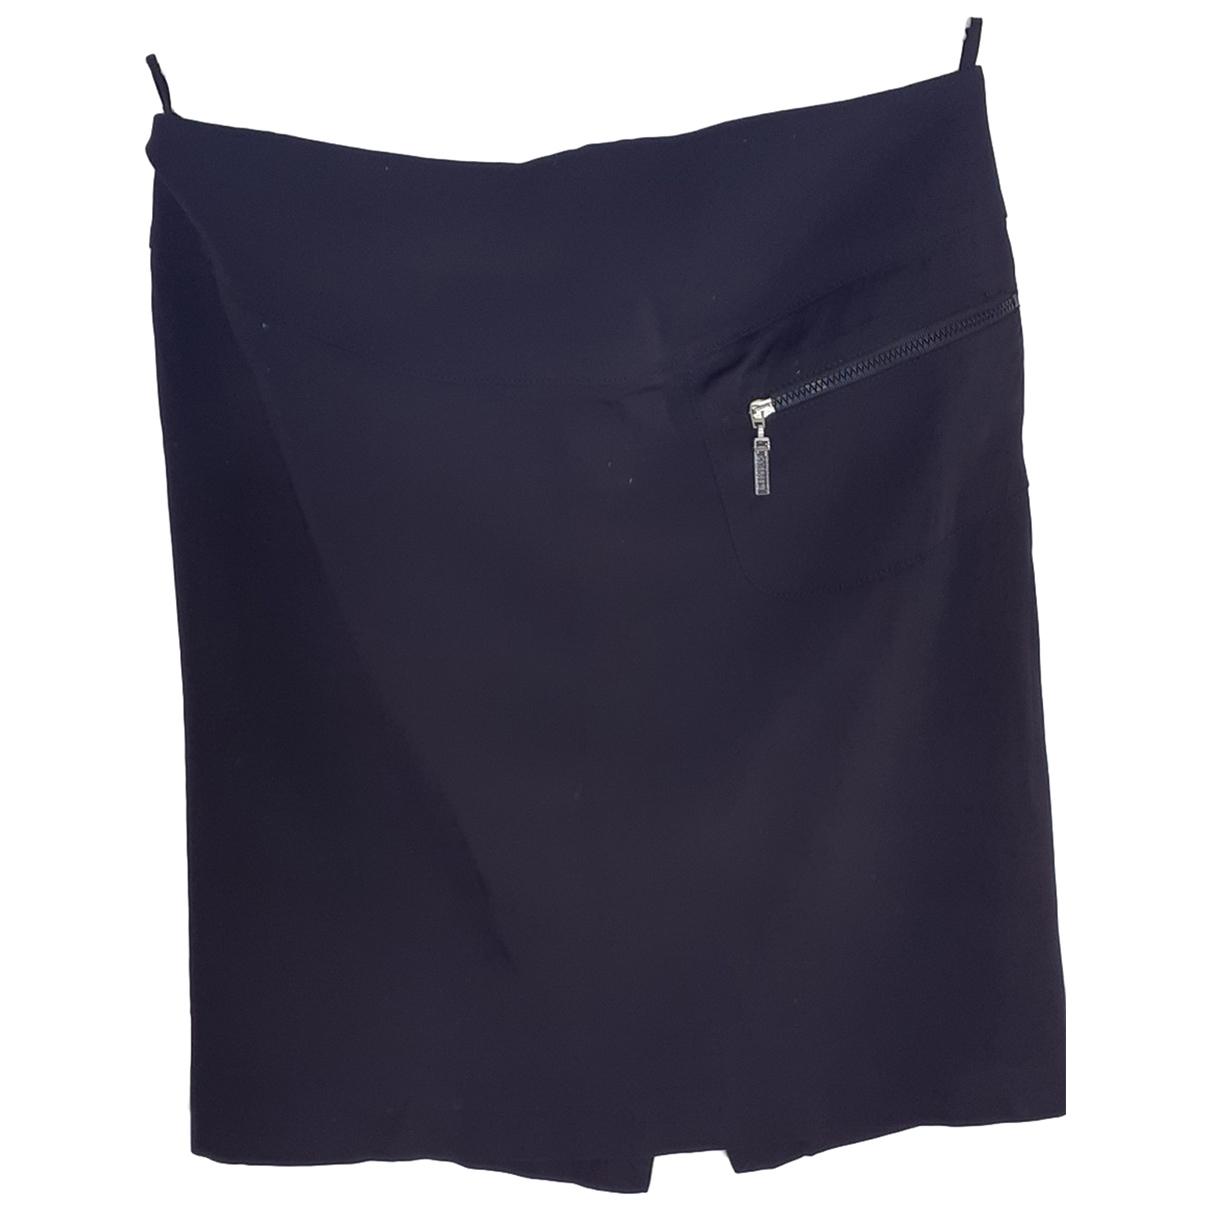 Pinko \N Black skirt for Women 42 FR